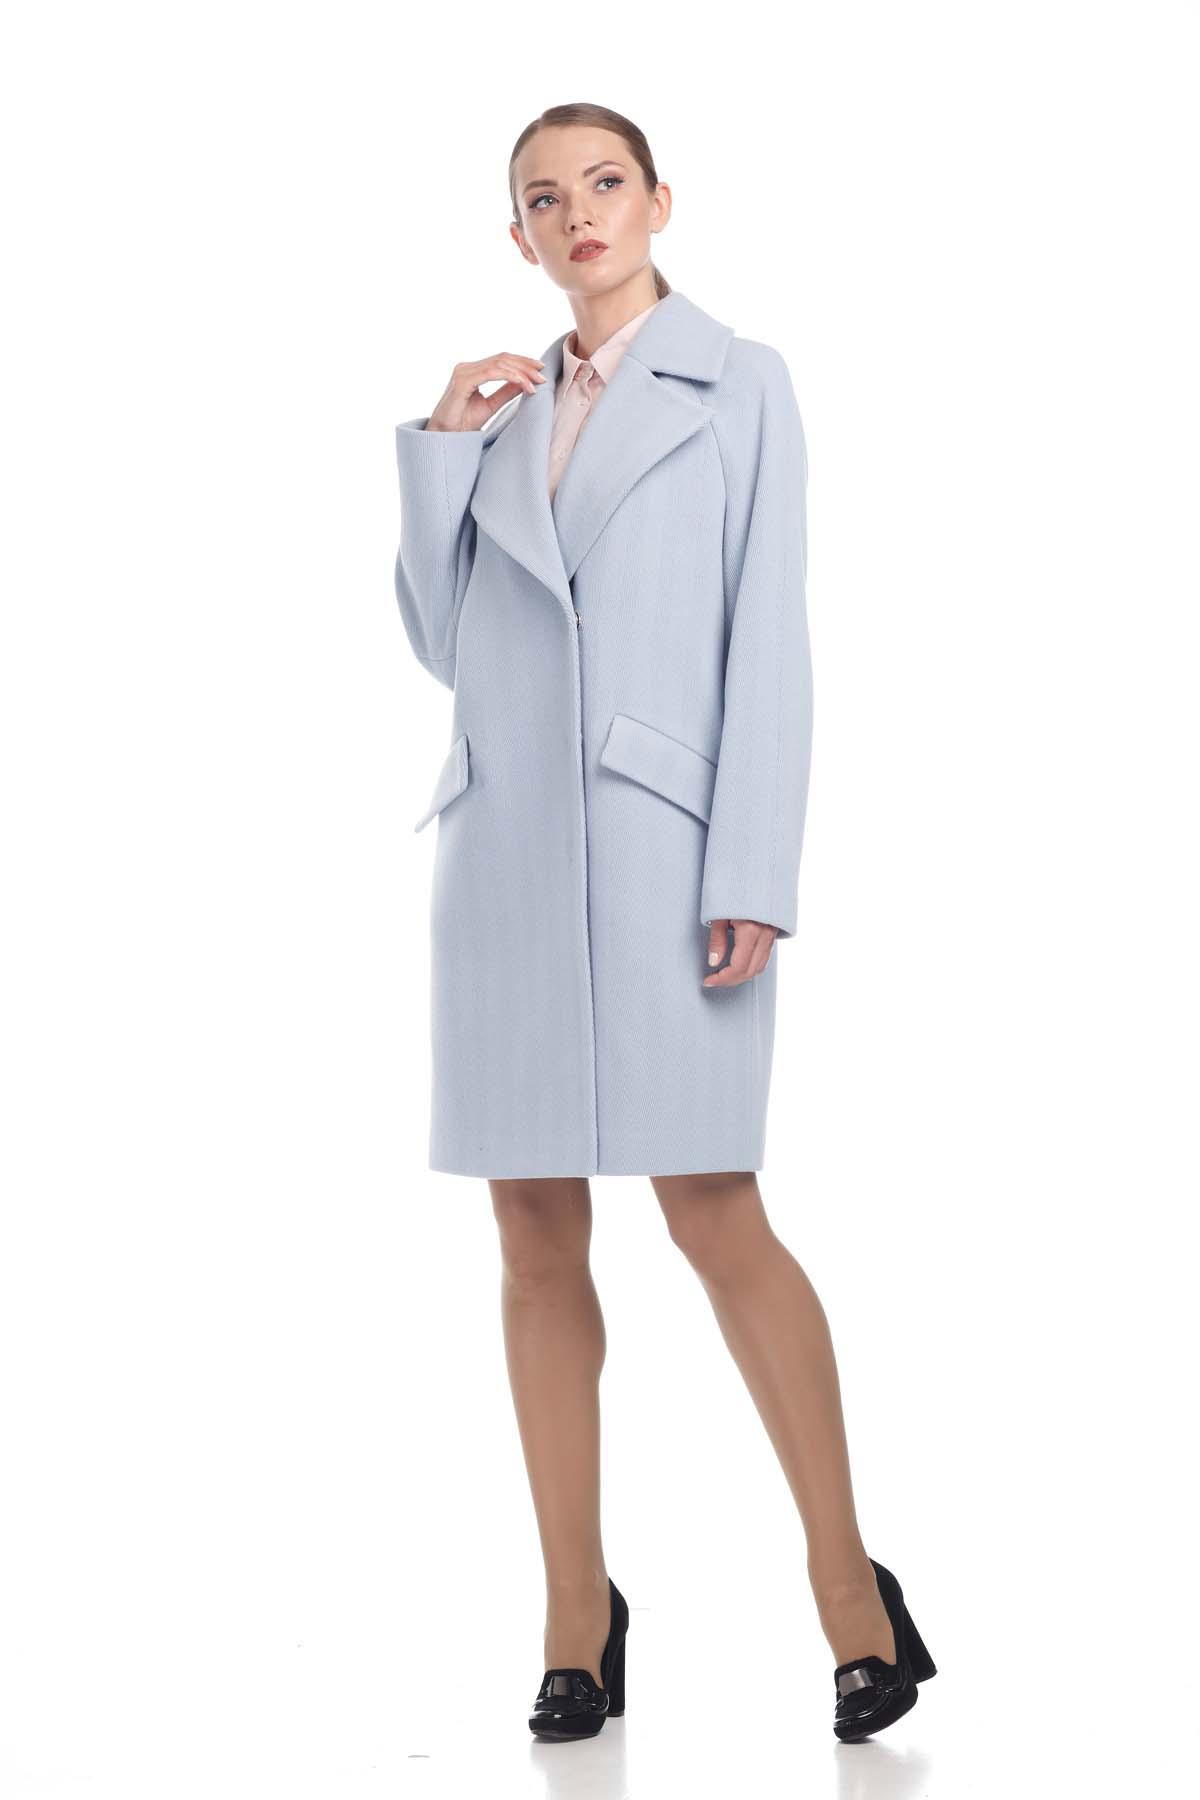 Пальто Лора, вовна Італія блакитний рубчик